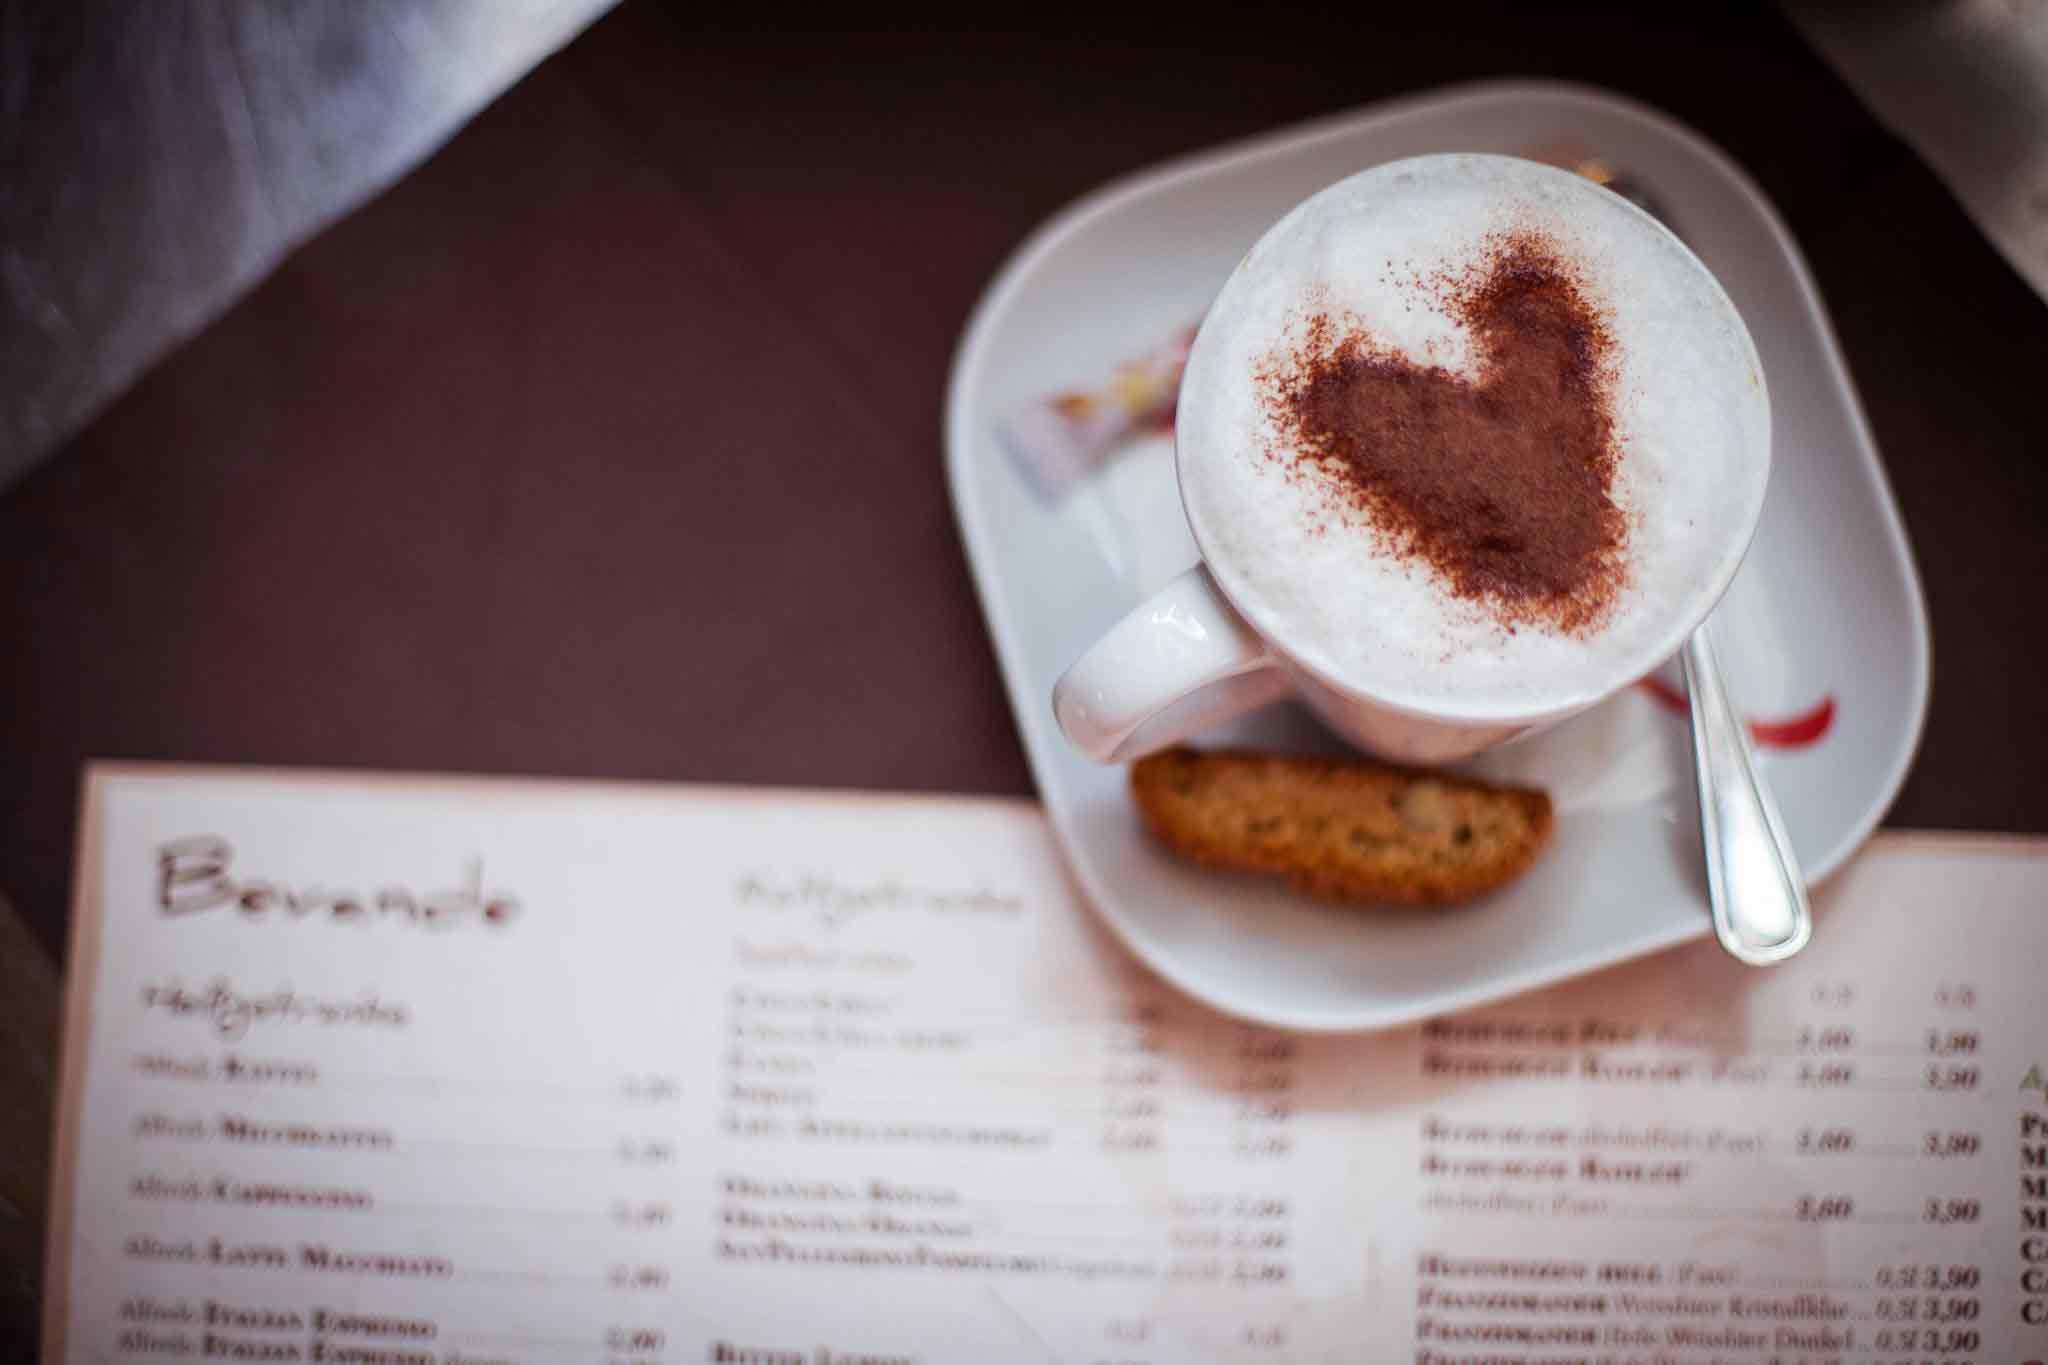 Kaffee mit Kakaopulver in Herzform